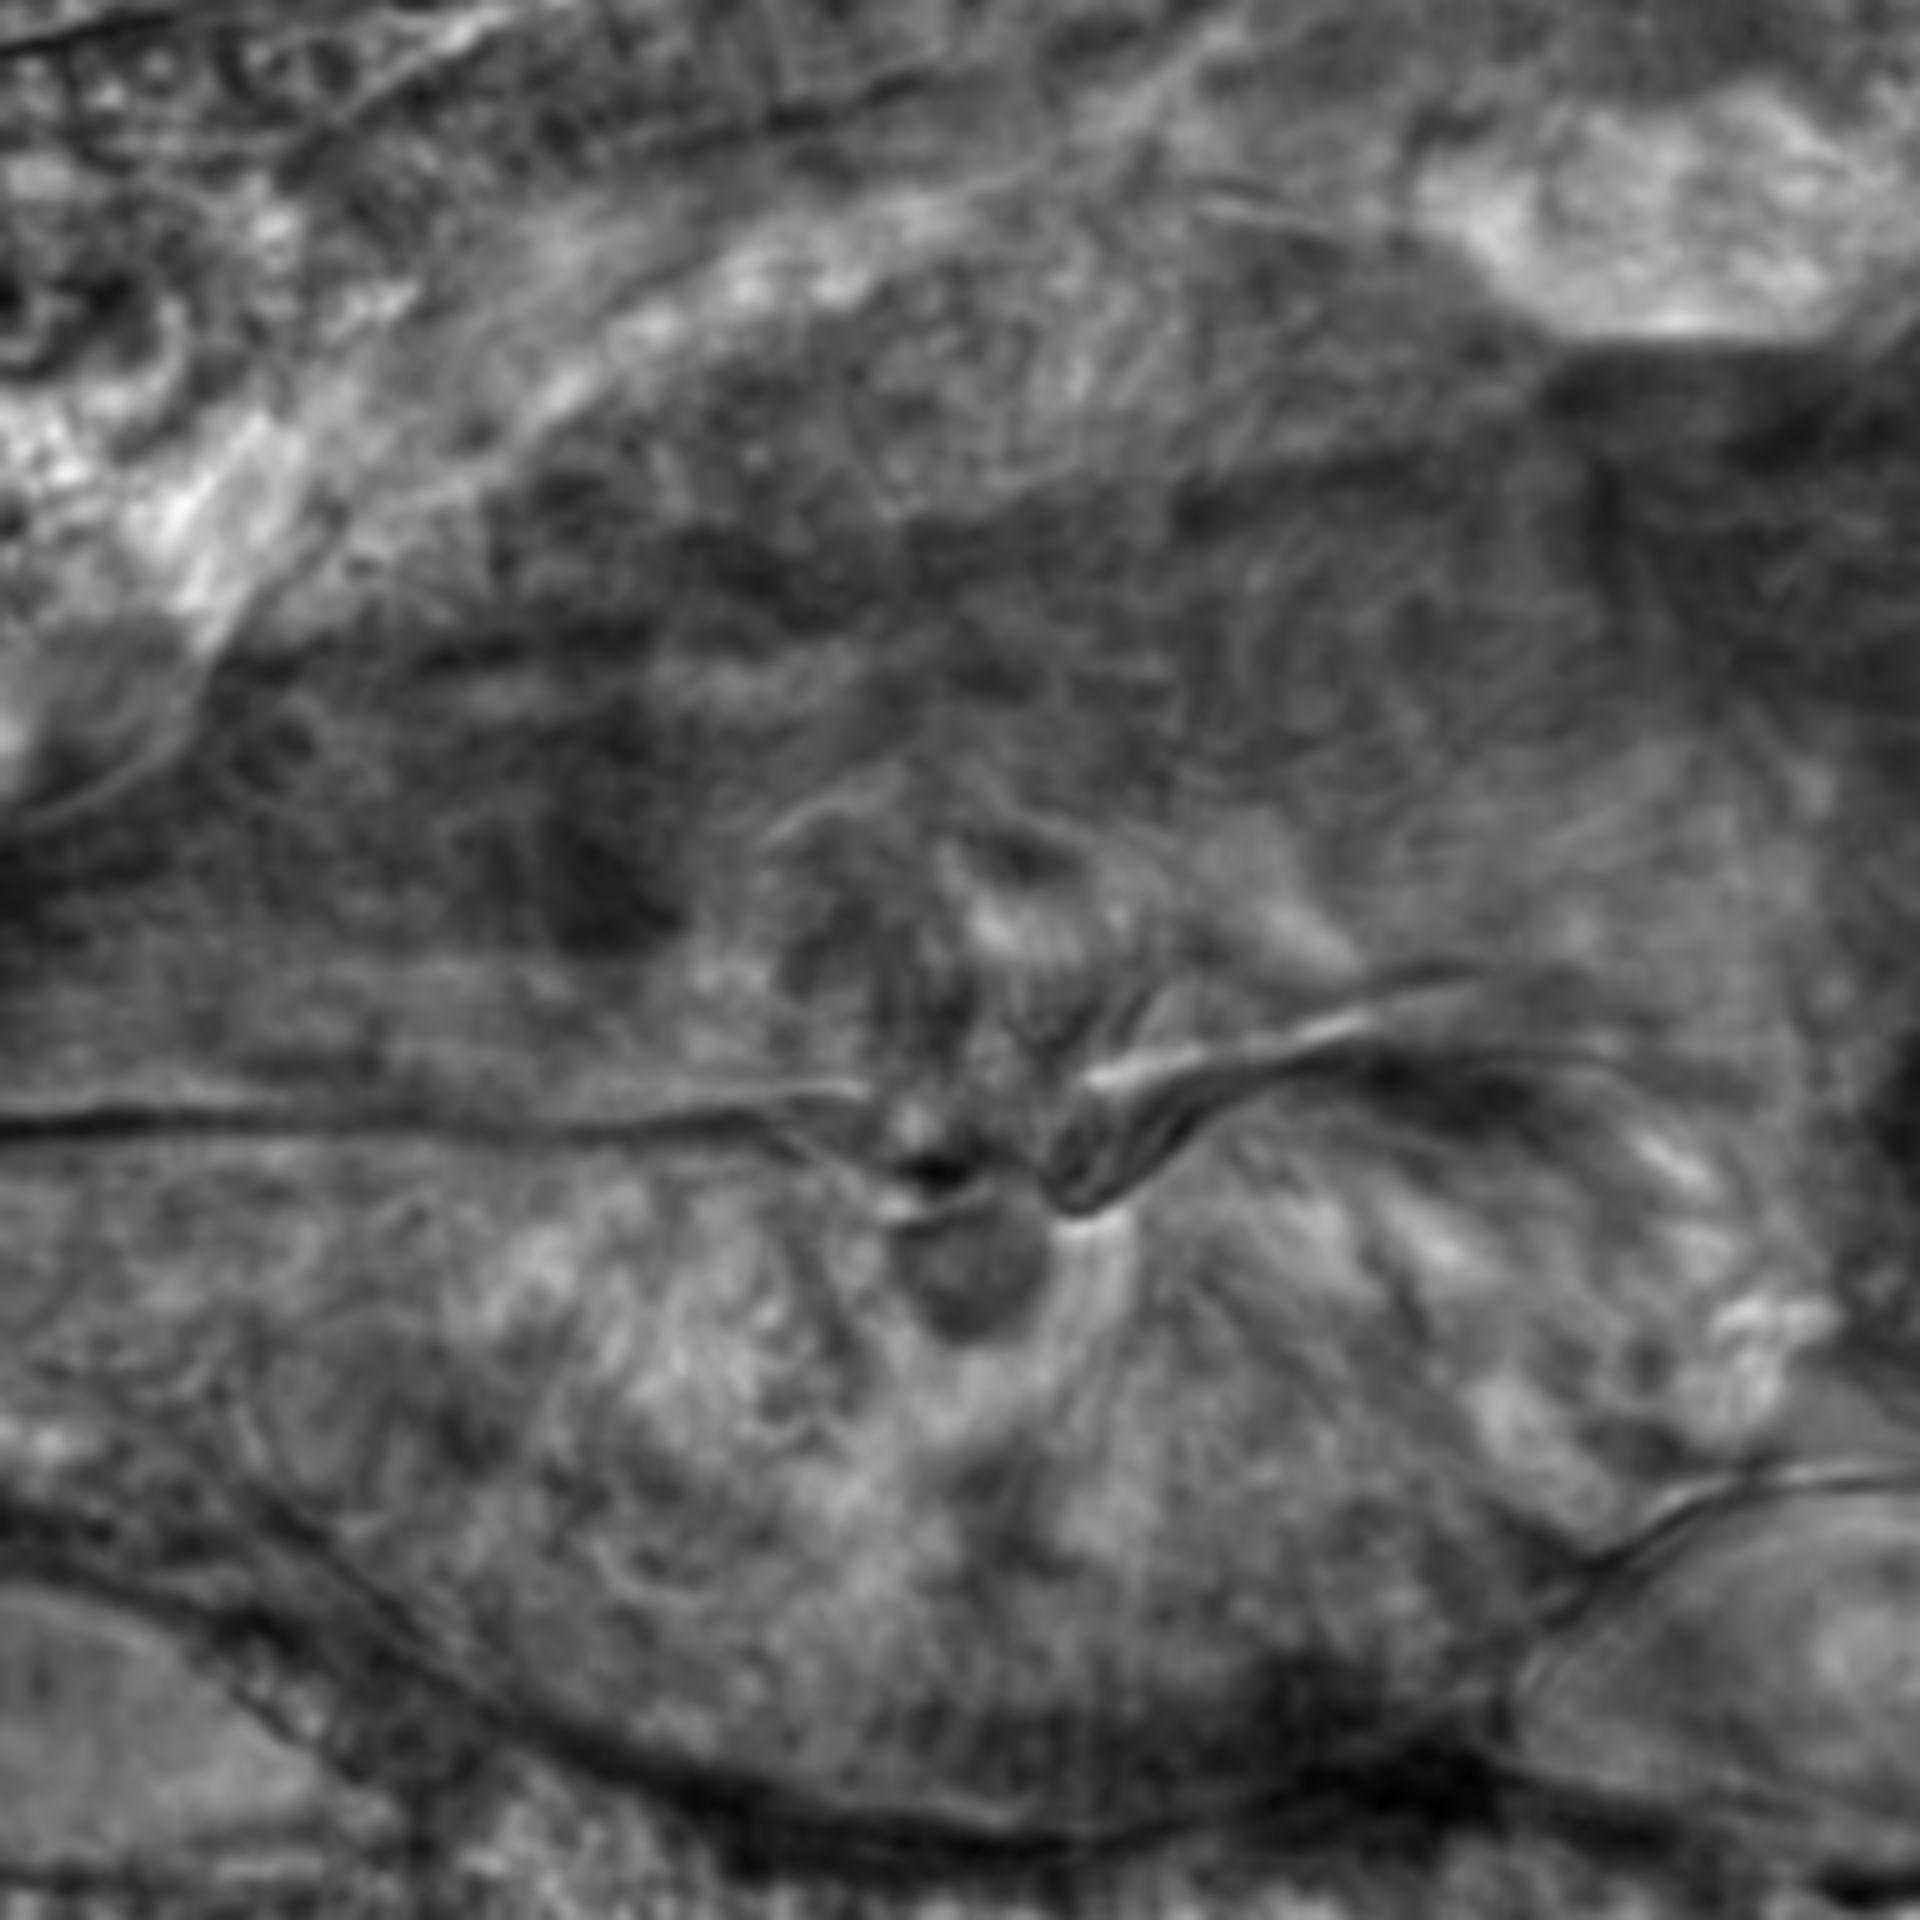 Caenorhabditis elegans - CIL:2793